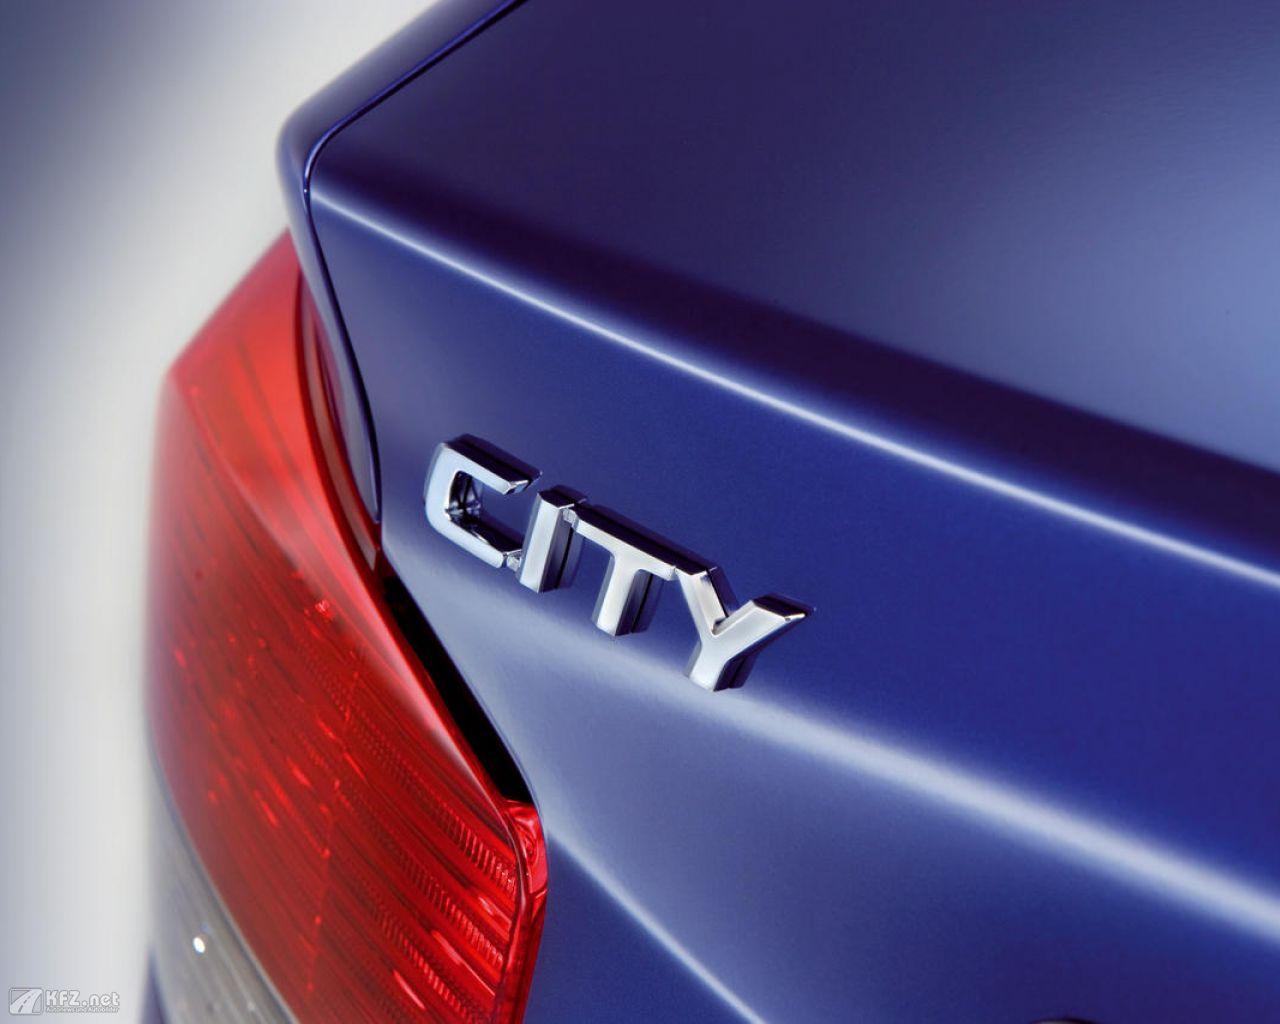 honda-city-1280x1024-141